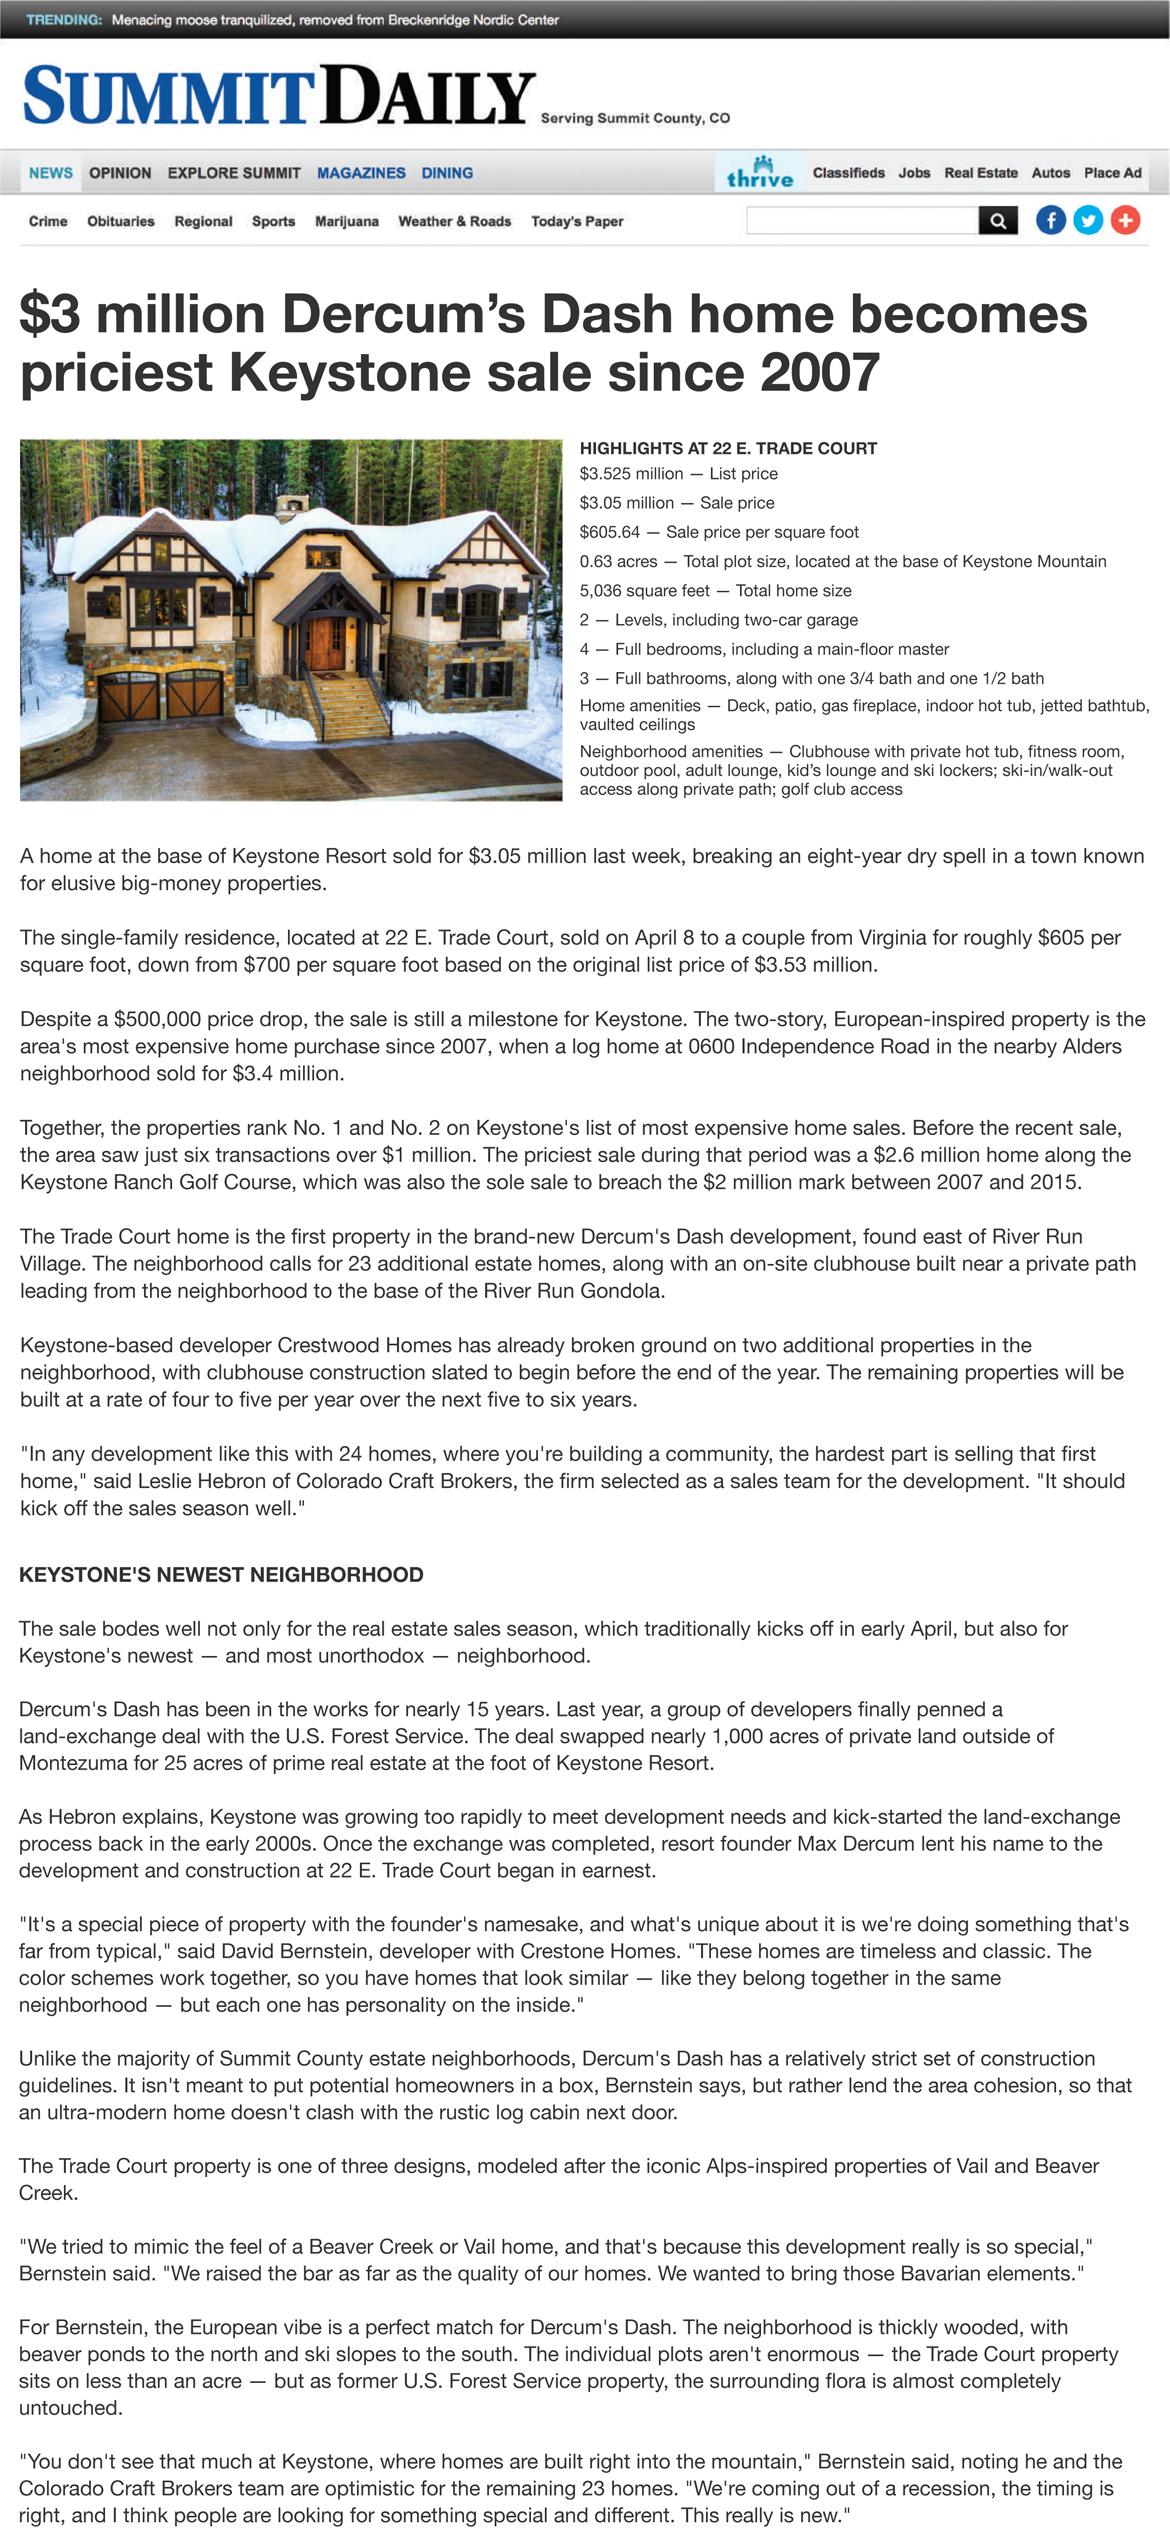 Latest News on Luxury Homes/Houses, Family Ski Resort in